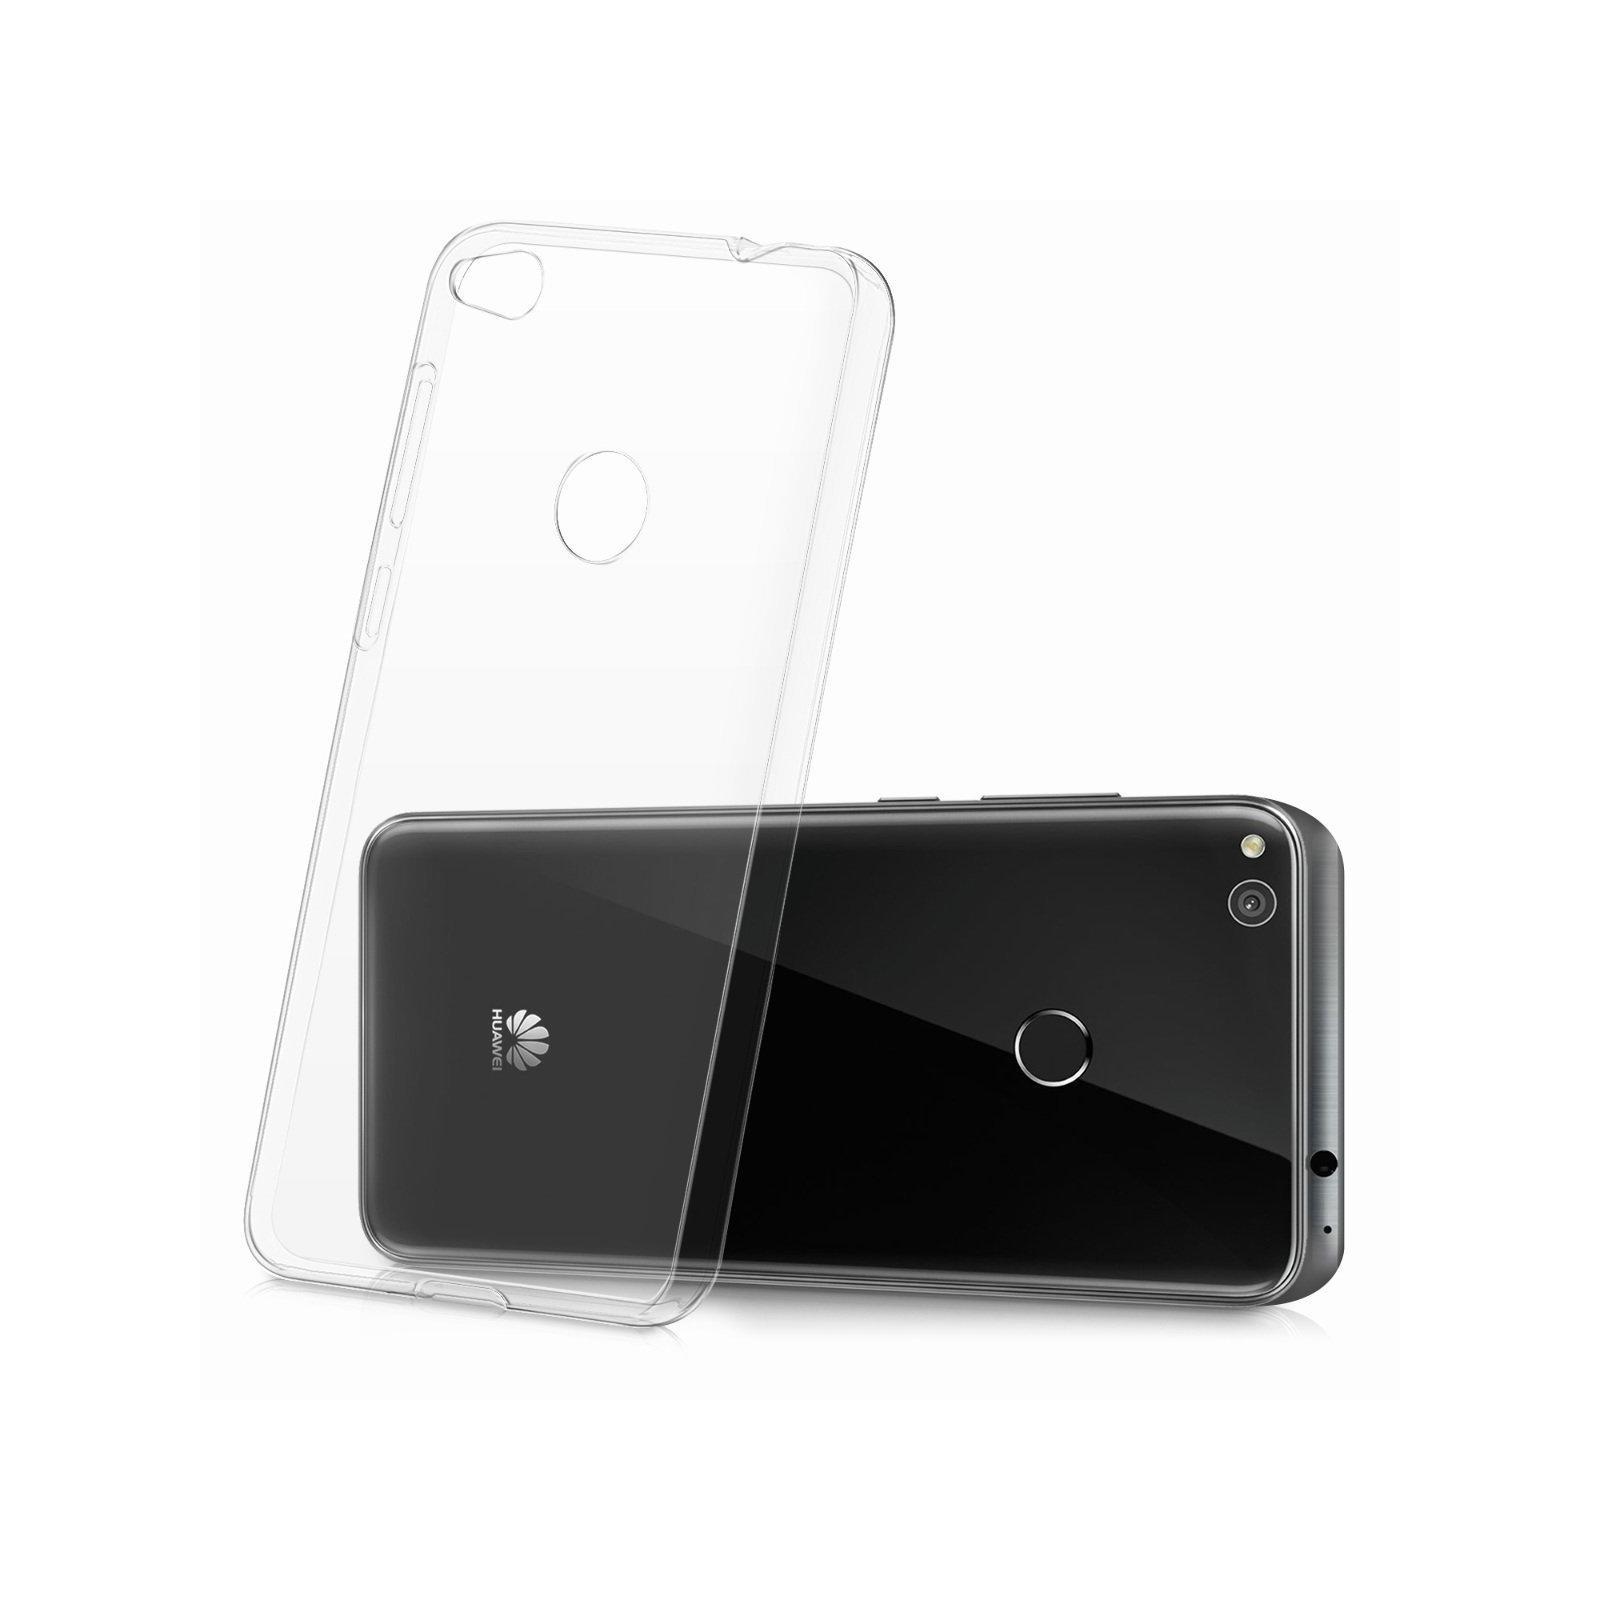 Чехол для моб. телефона SmartCase Huawei P8 Lite TPU Clear (SC-HP8L) изображение 2